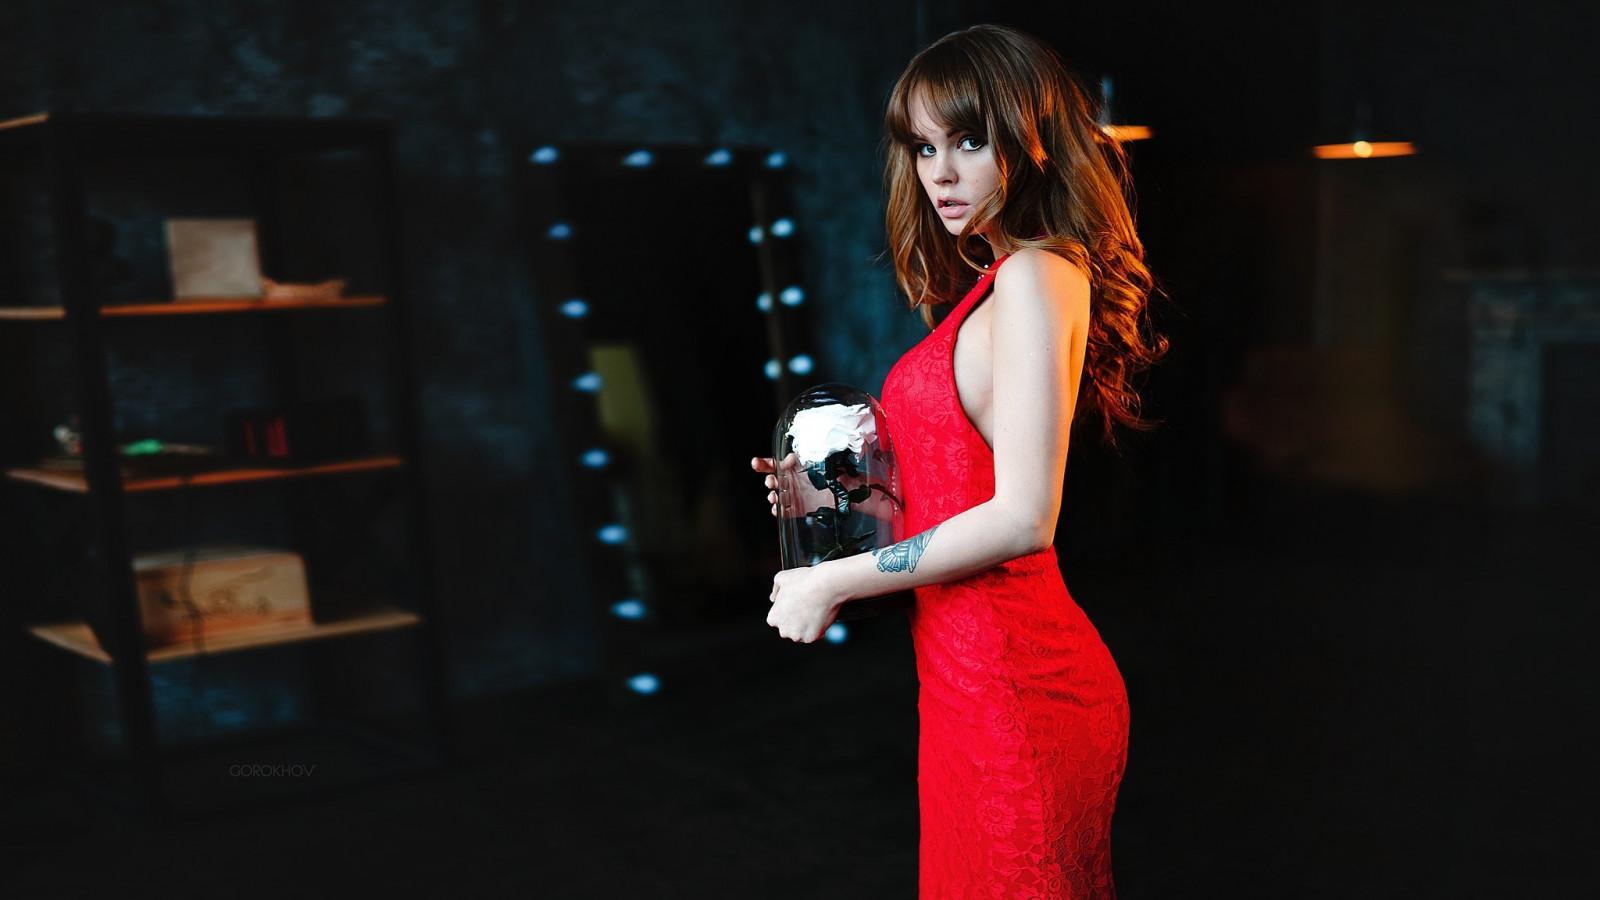 women, model, portrait, red, Anastasia Scheglova, tattoo, red dress, fashion, Ivan Gorokhov, singing, stage, musical theatre, performance art